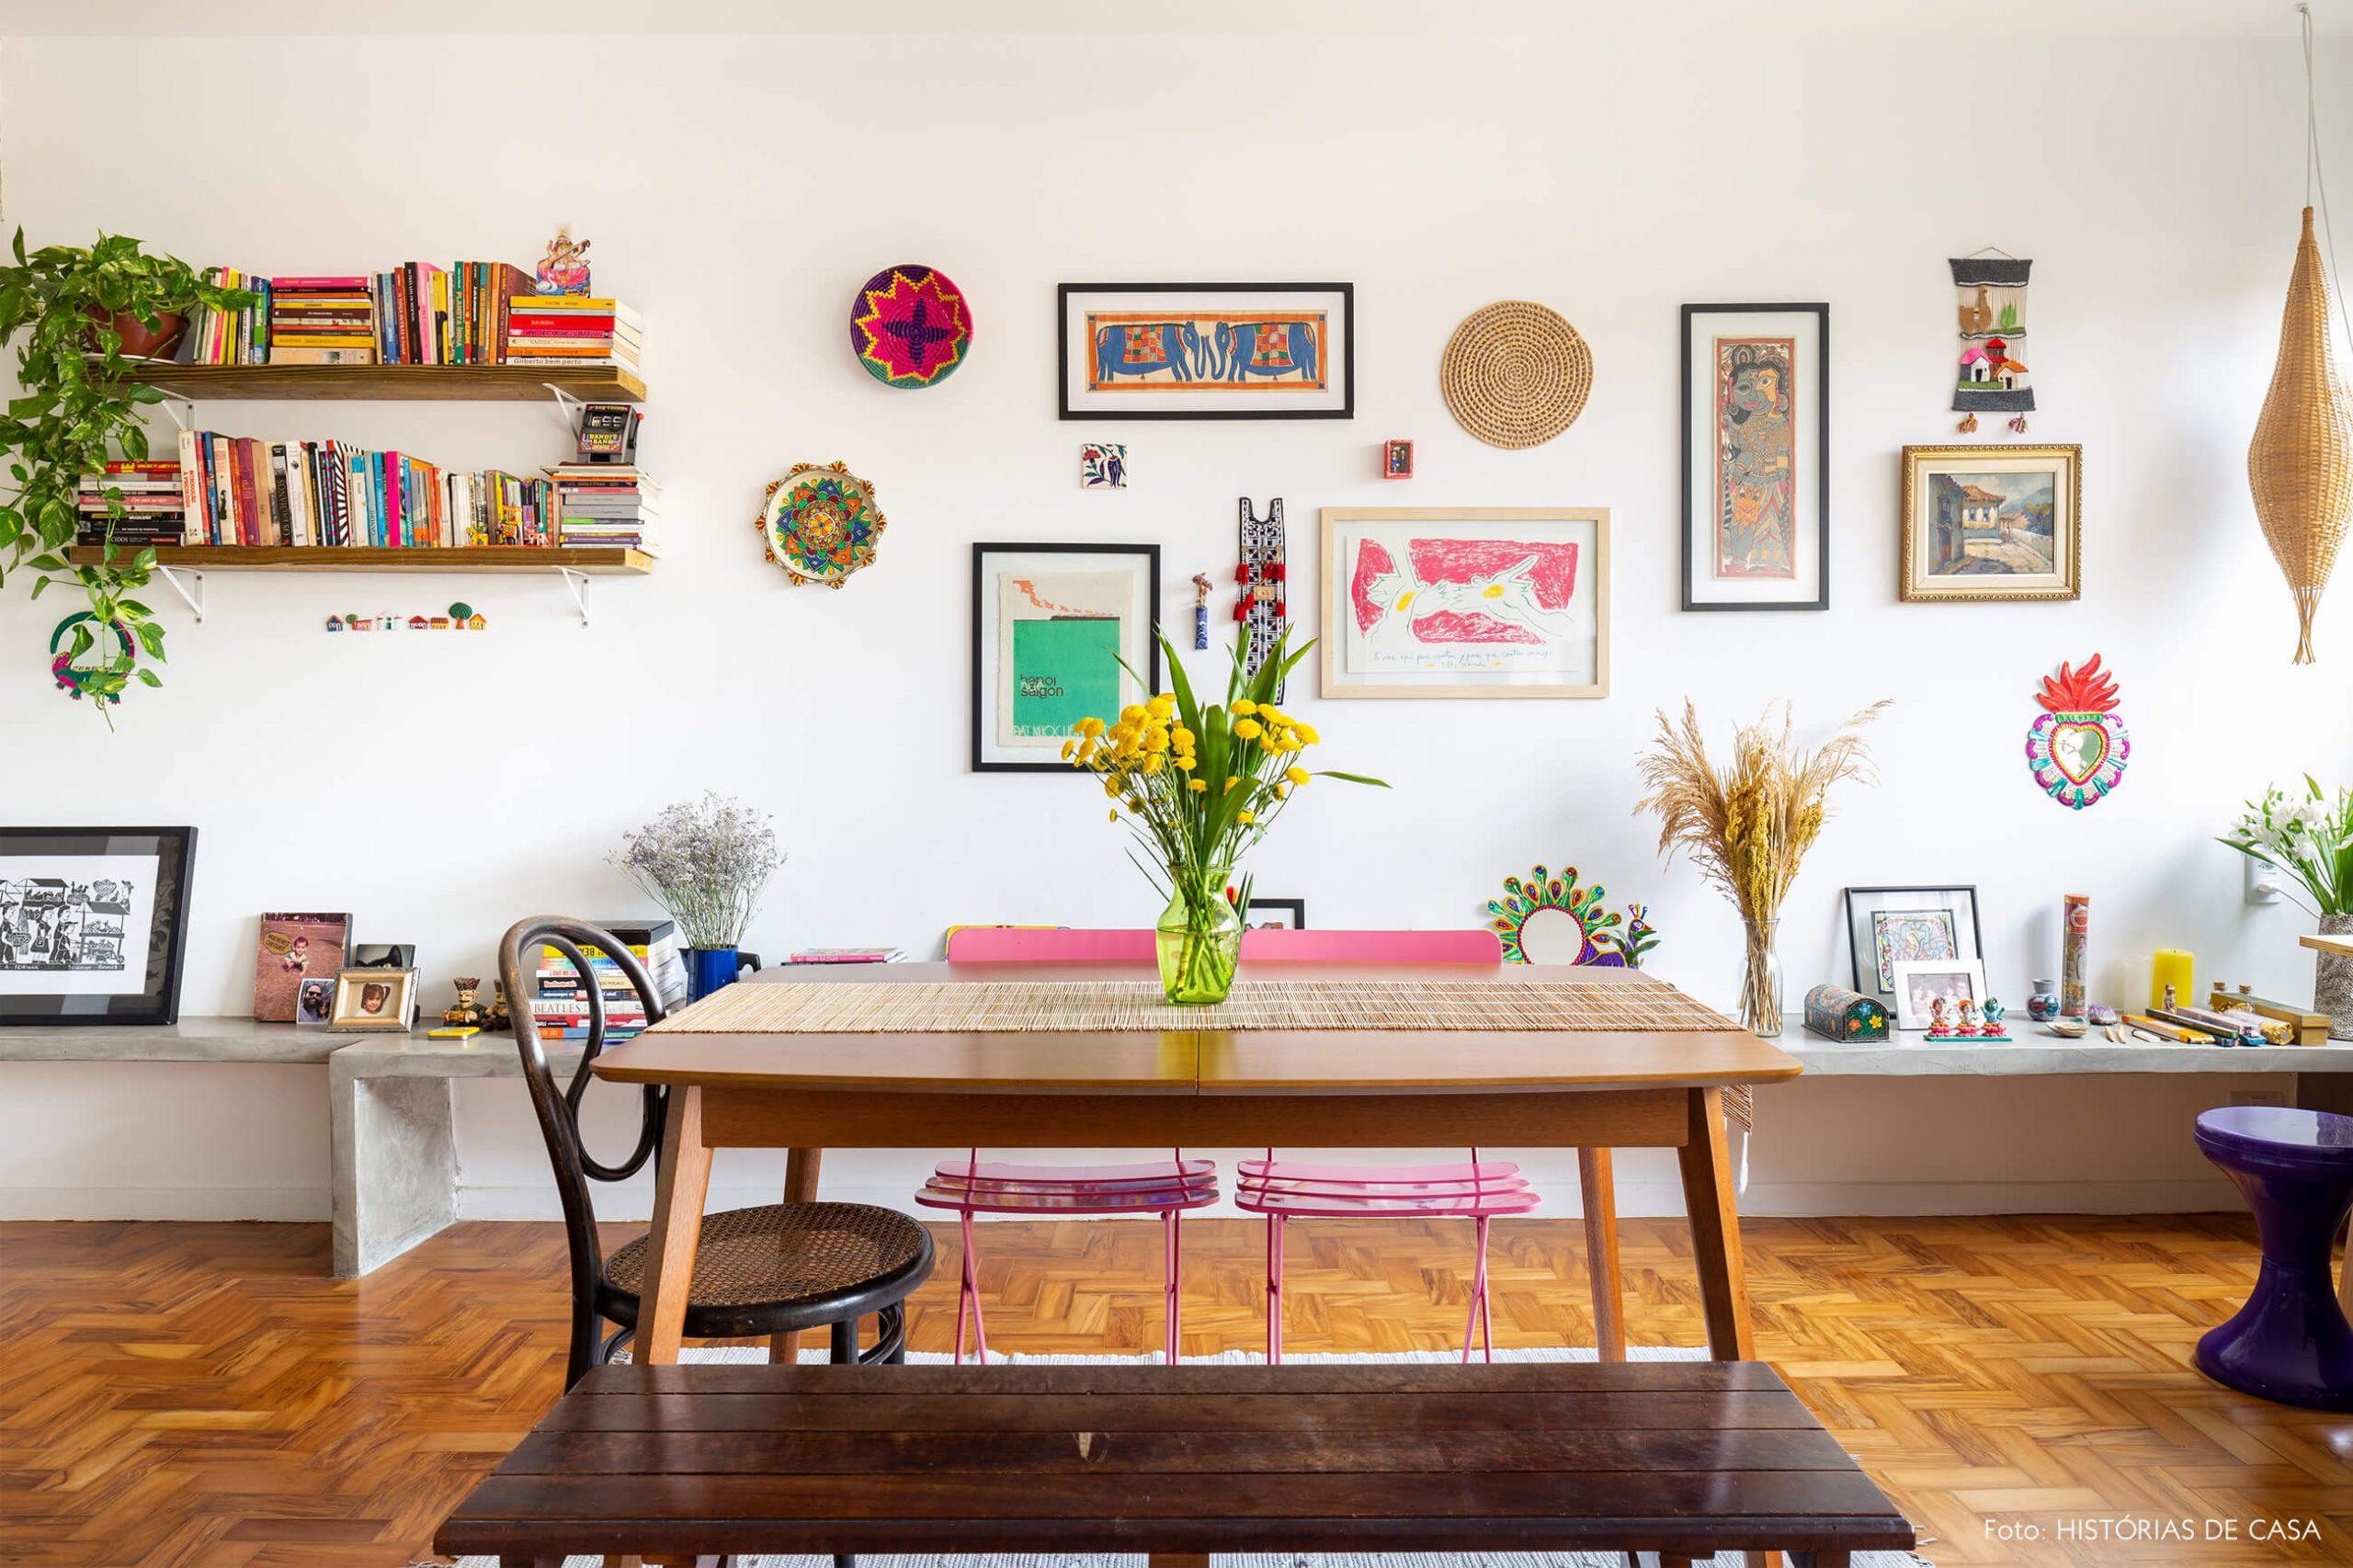 decoração sala jantar com chão e móveis de madeira cadeiras coloridas e objetos coloridos